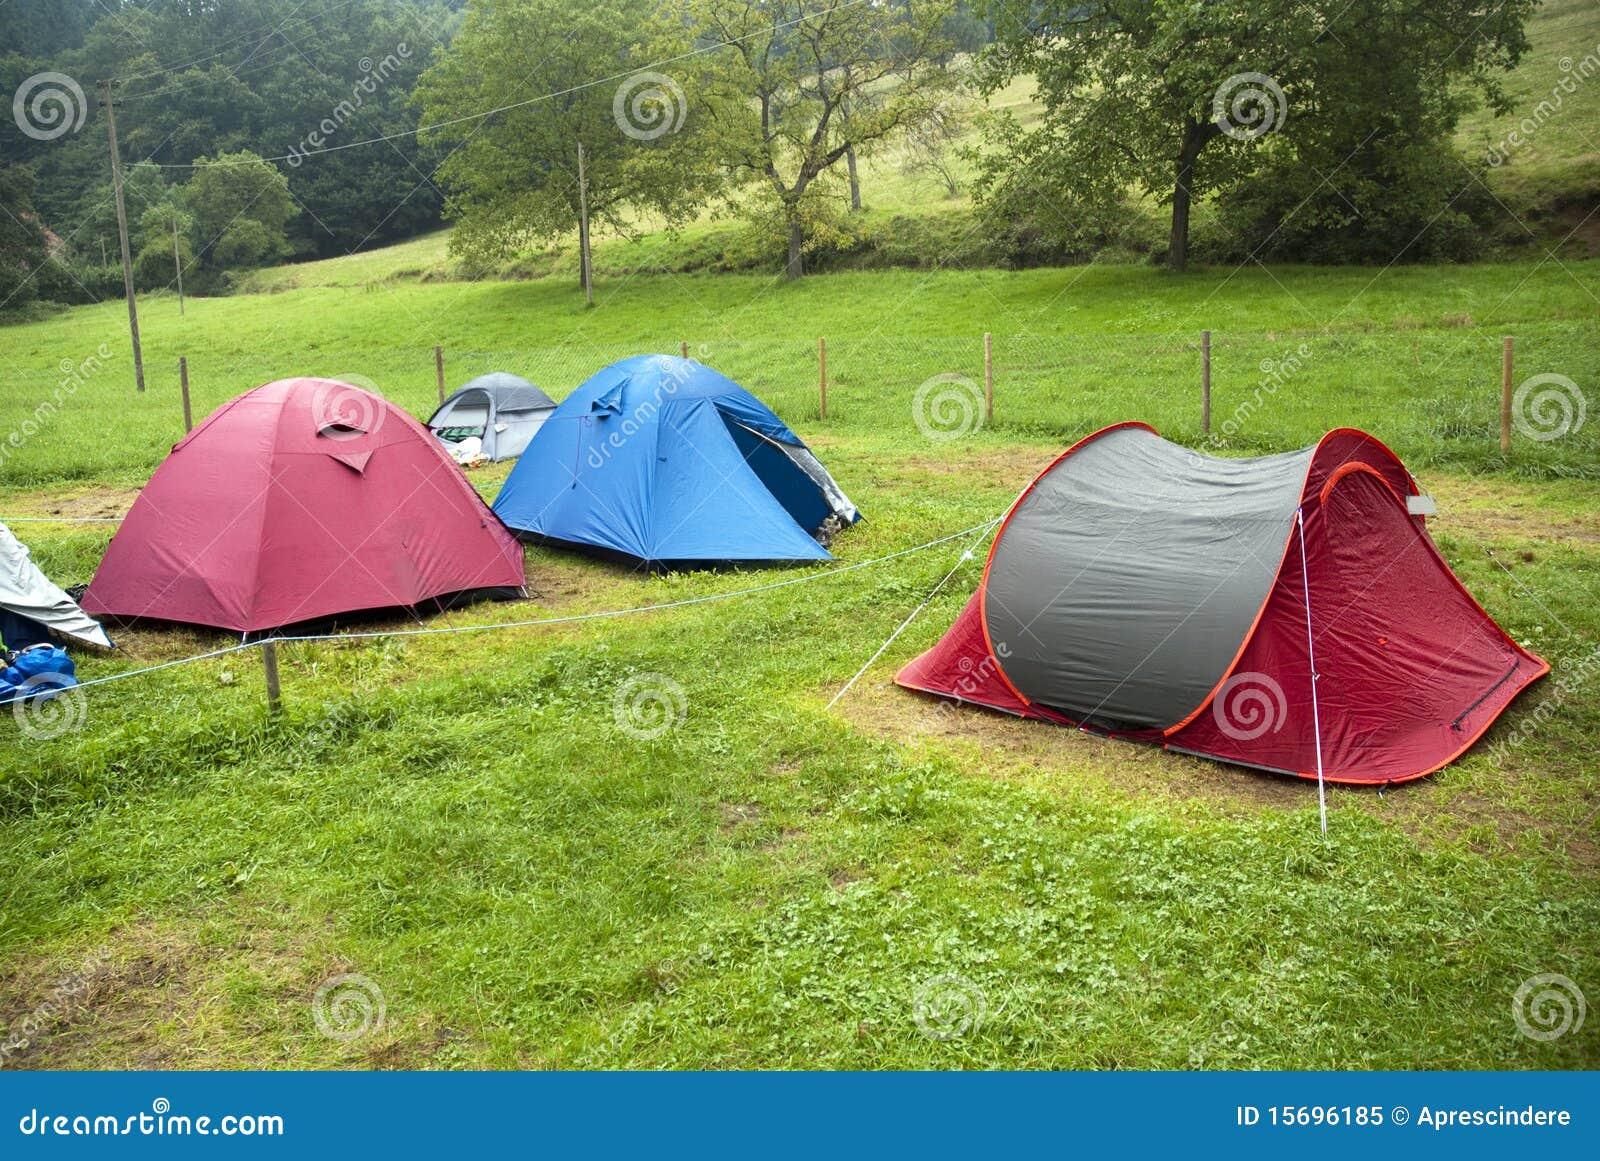 ся шатры